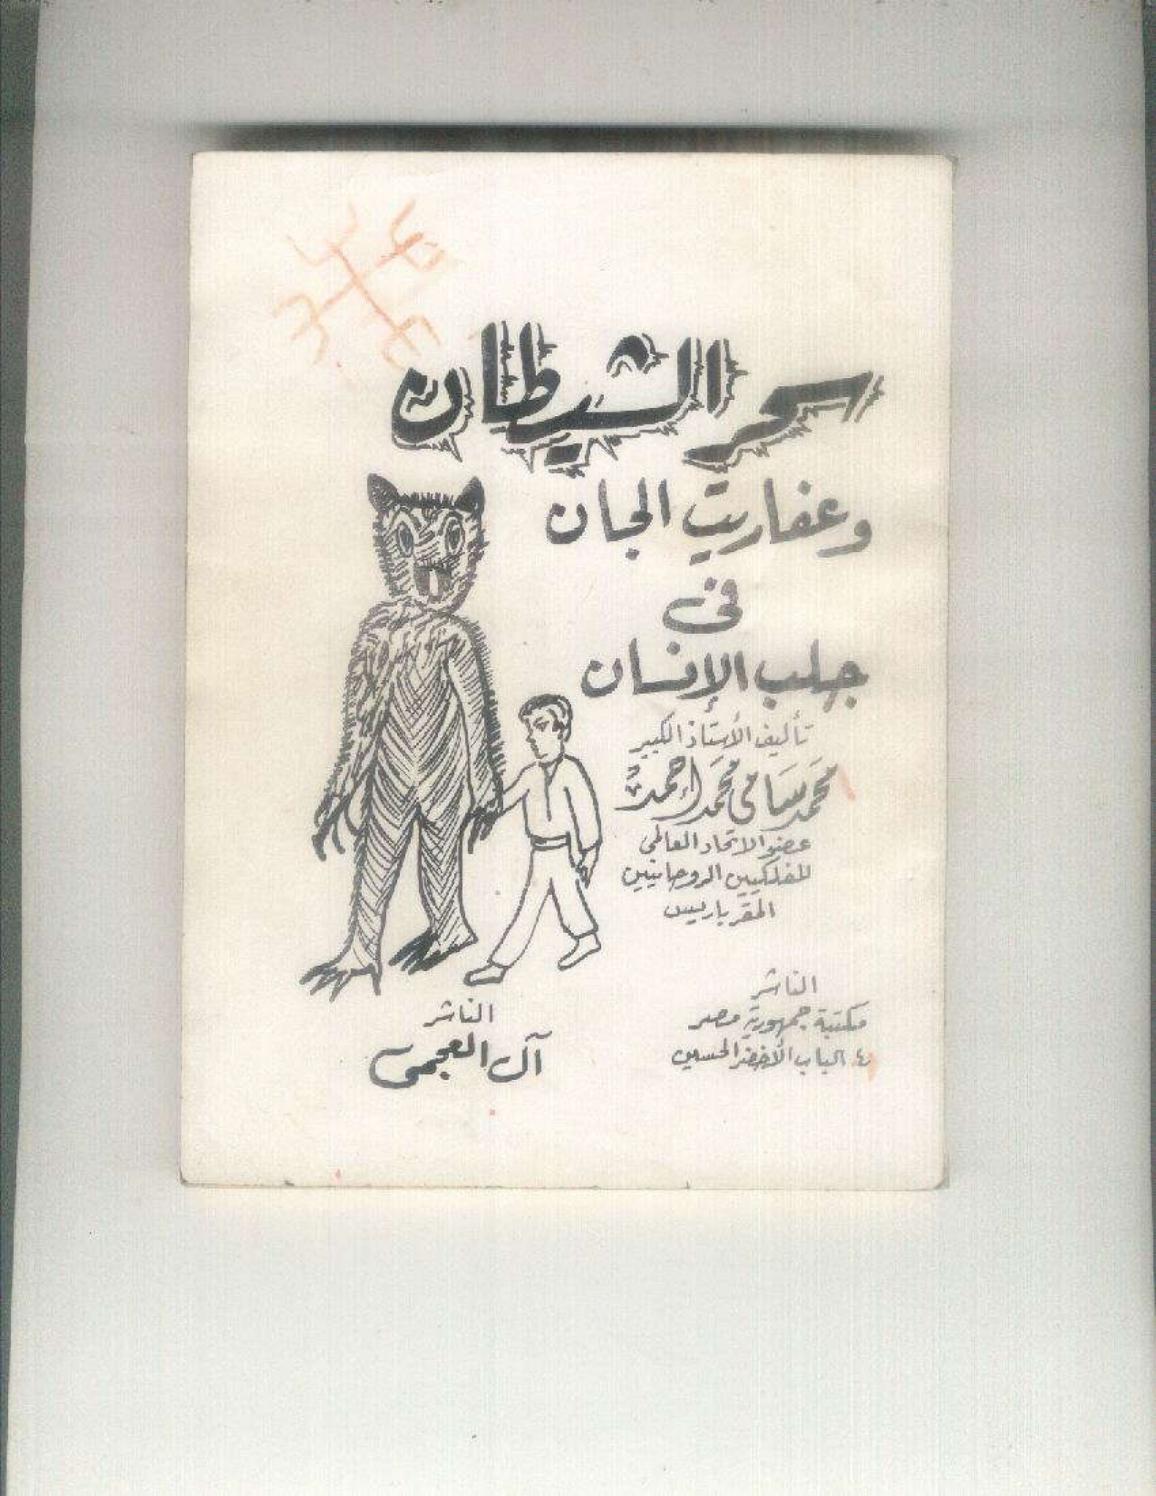 تحميل كتاب تحصين البيت من الشيطان pdf